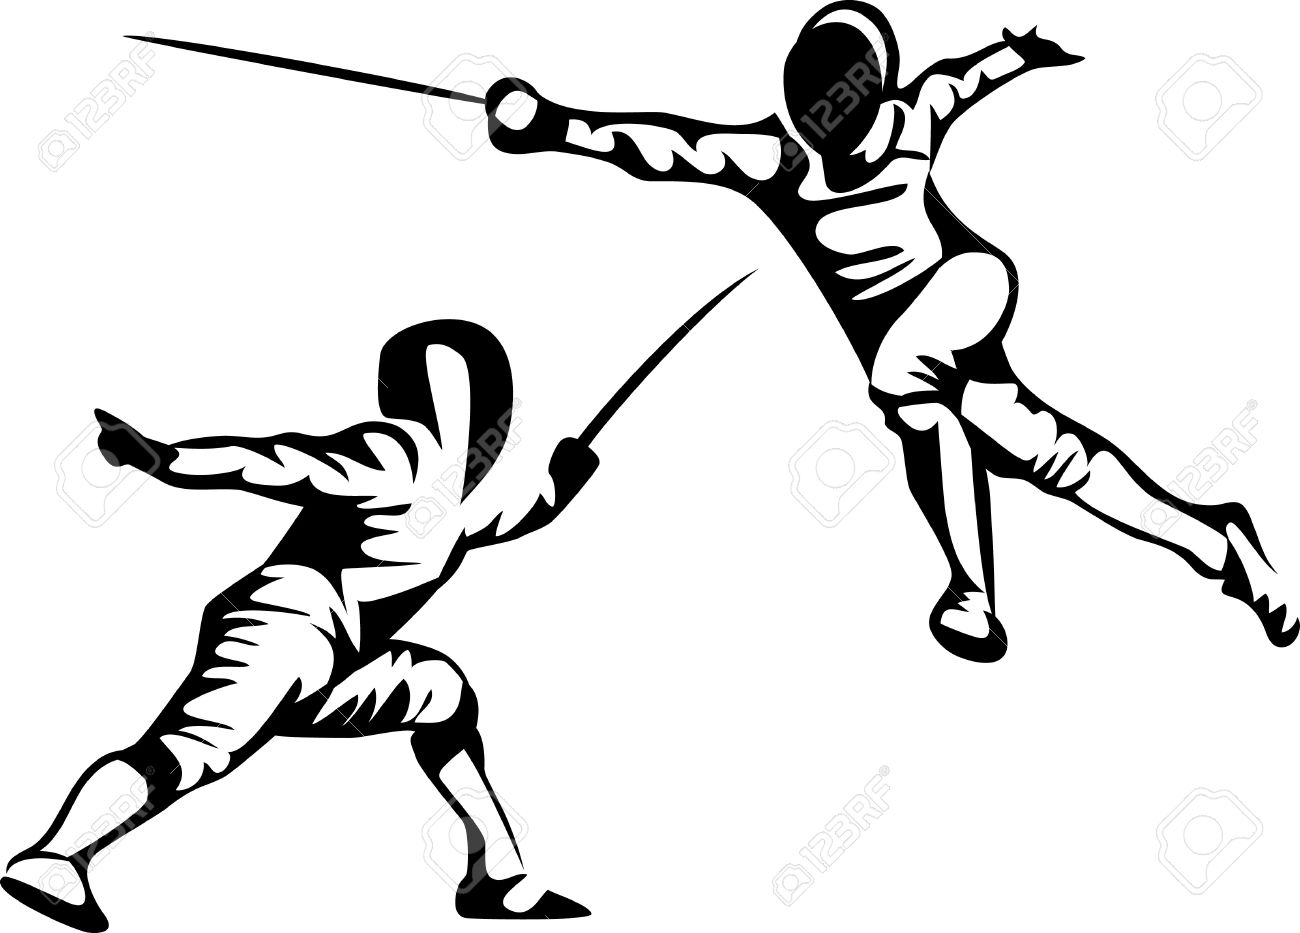 Fencing sword clipart